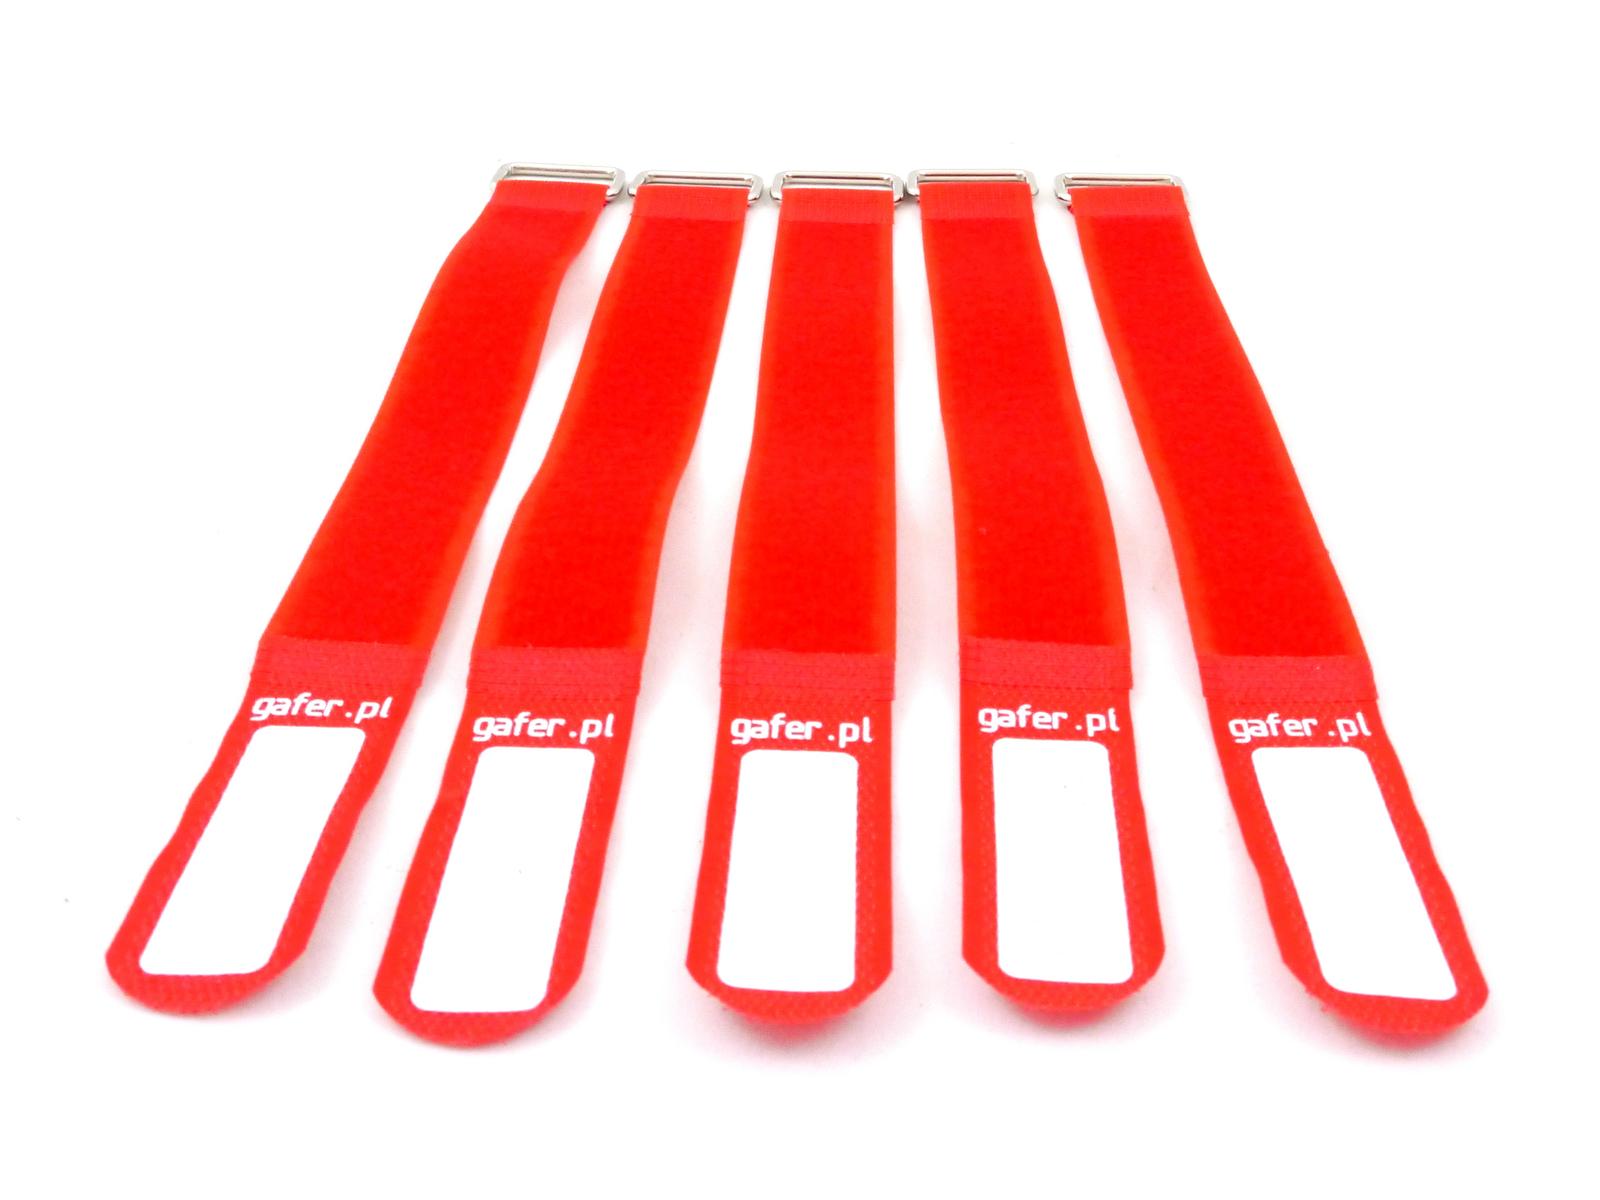 GAFER.PL Legare le Cinghie 25x550mm 5 pezzi rosso